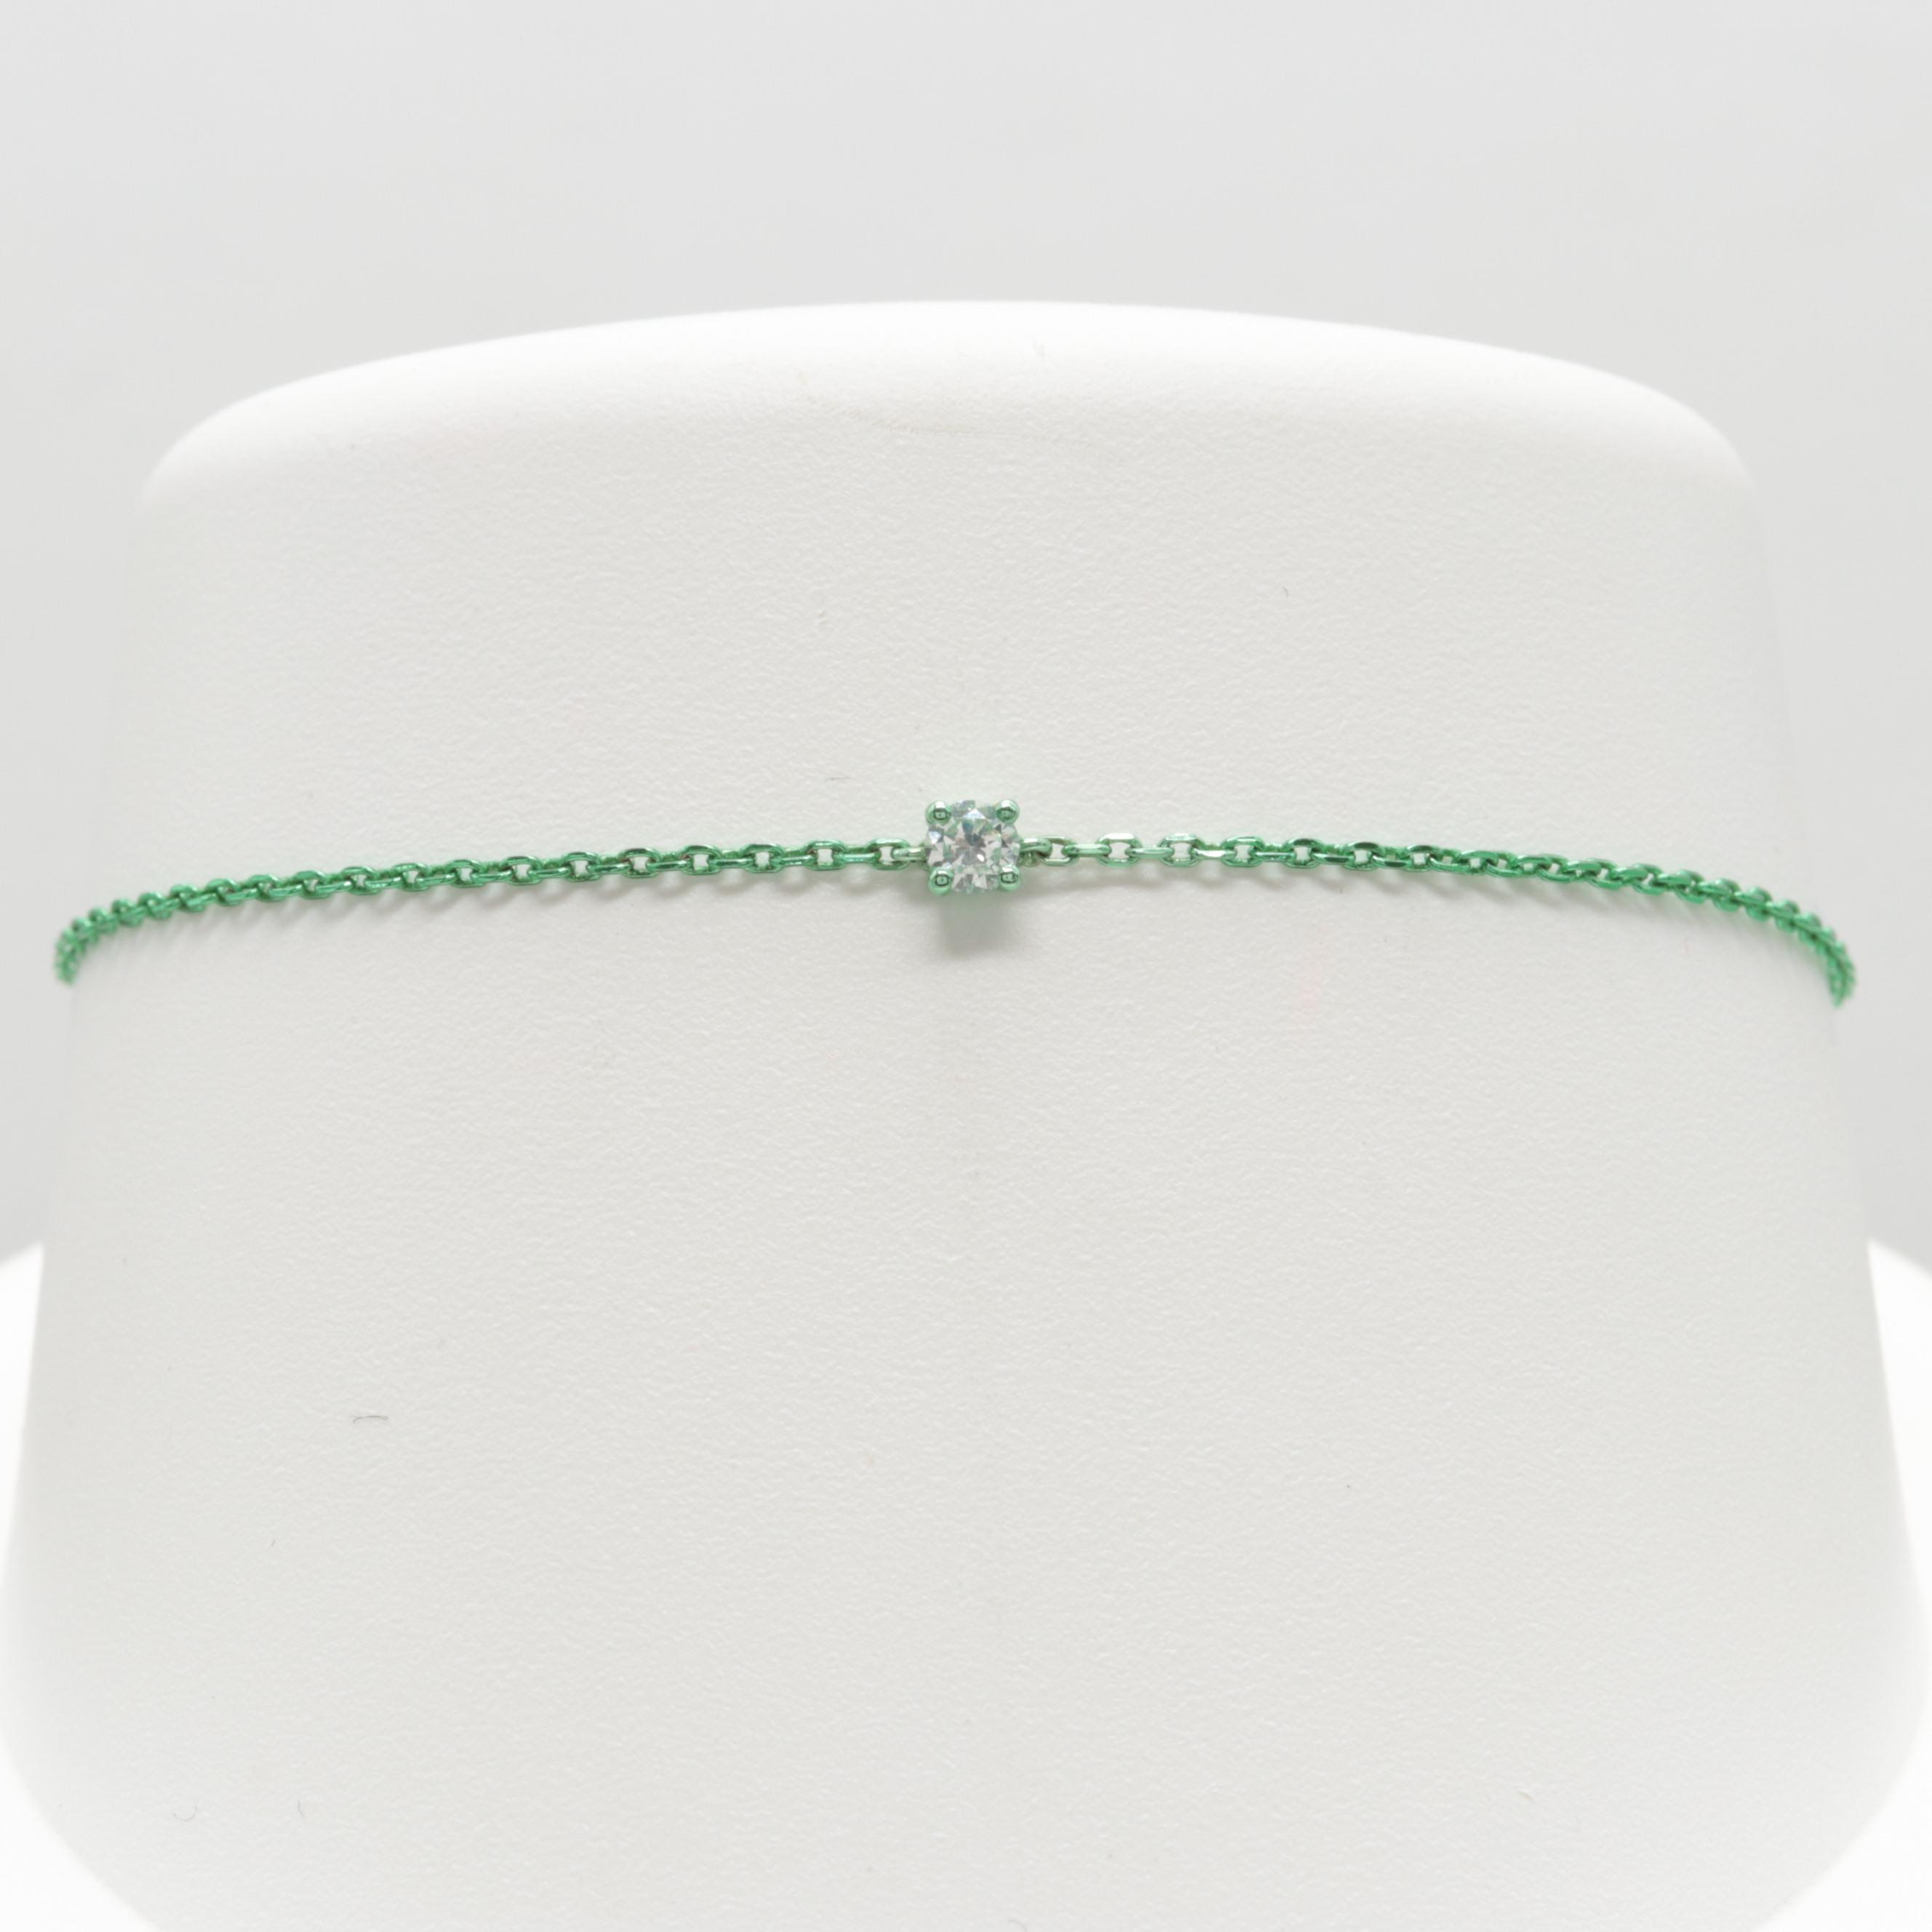 Anodized Sterling Silver Diamond Bracelet